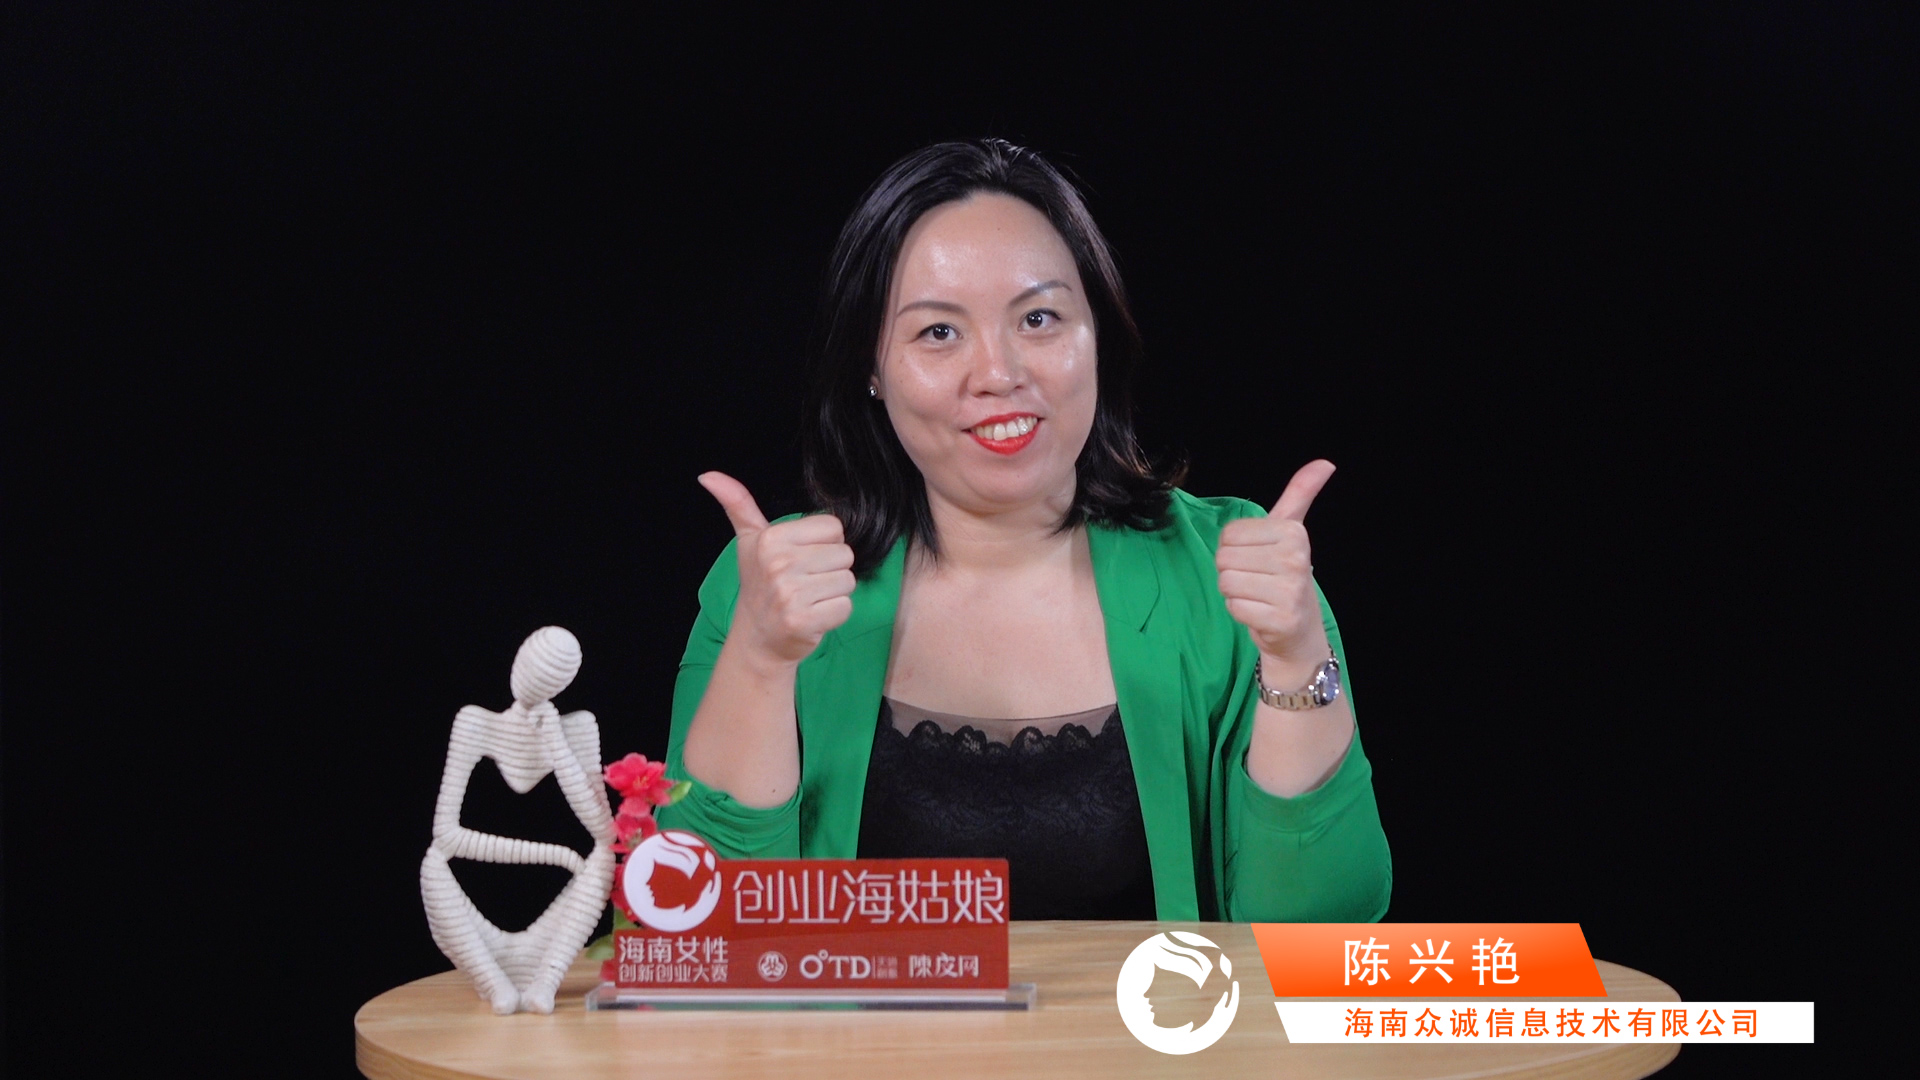 创业海姑娘|海南众诚陈兴艳,用信息技术创造价值